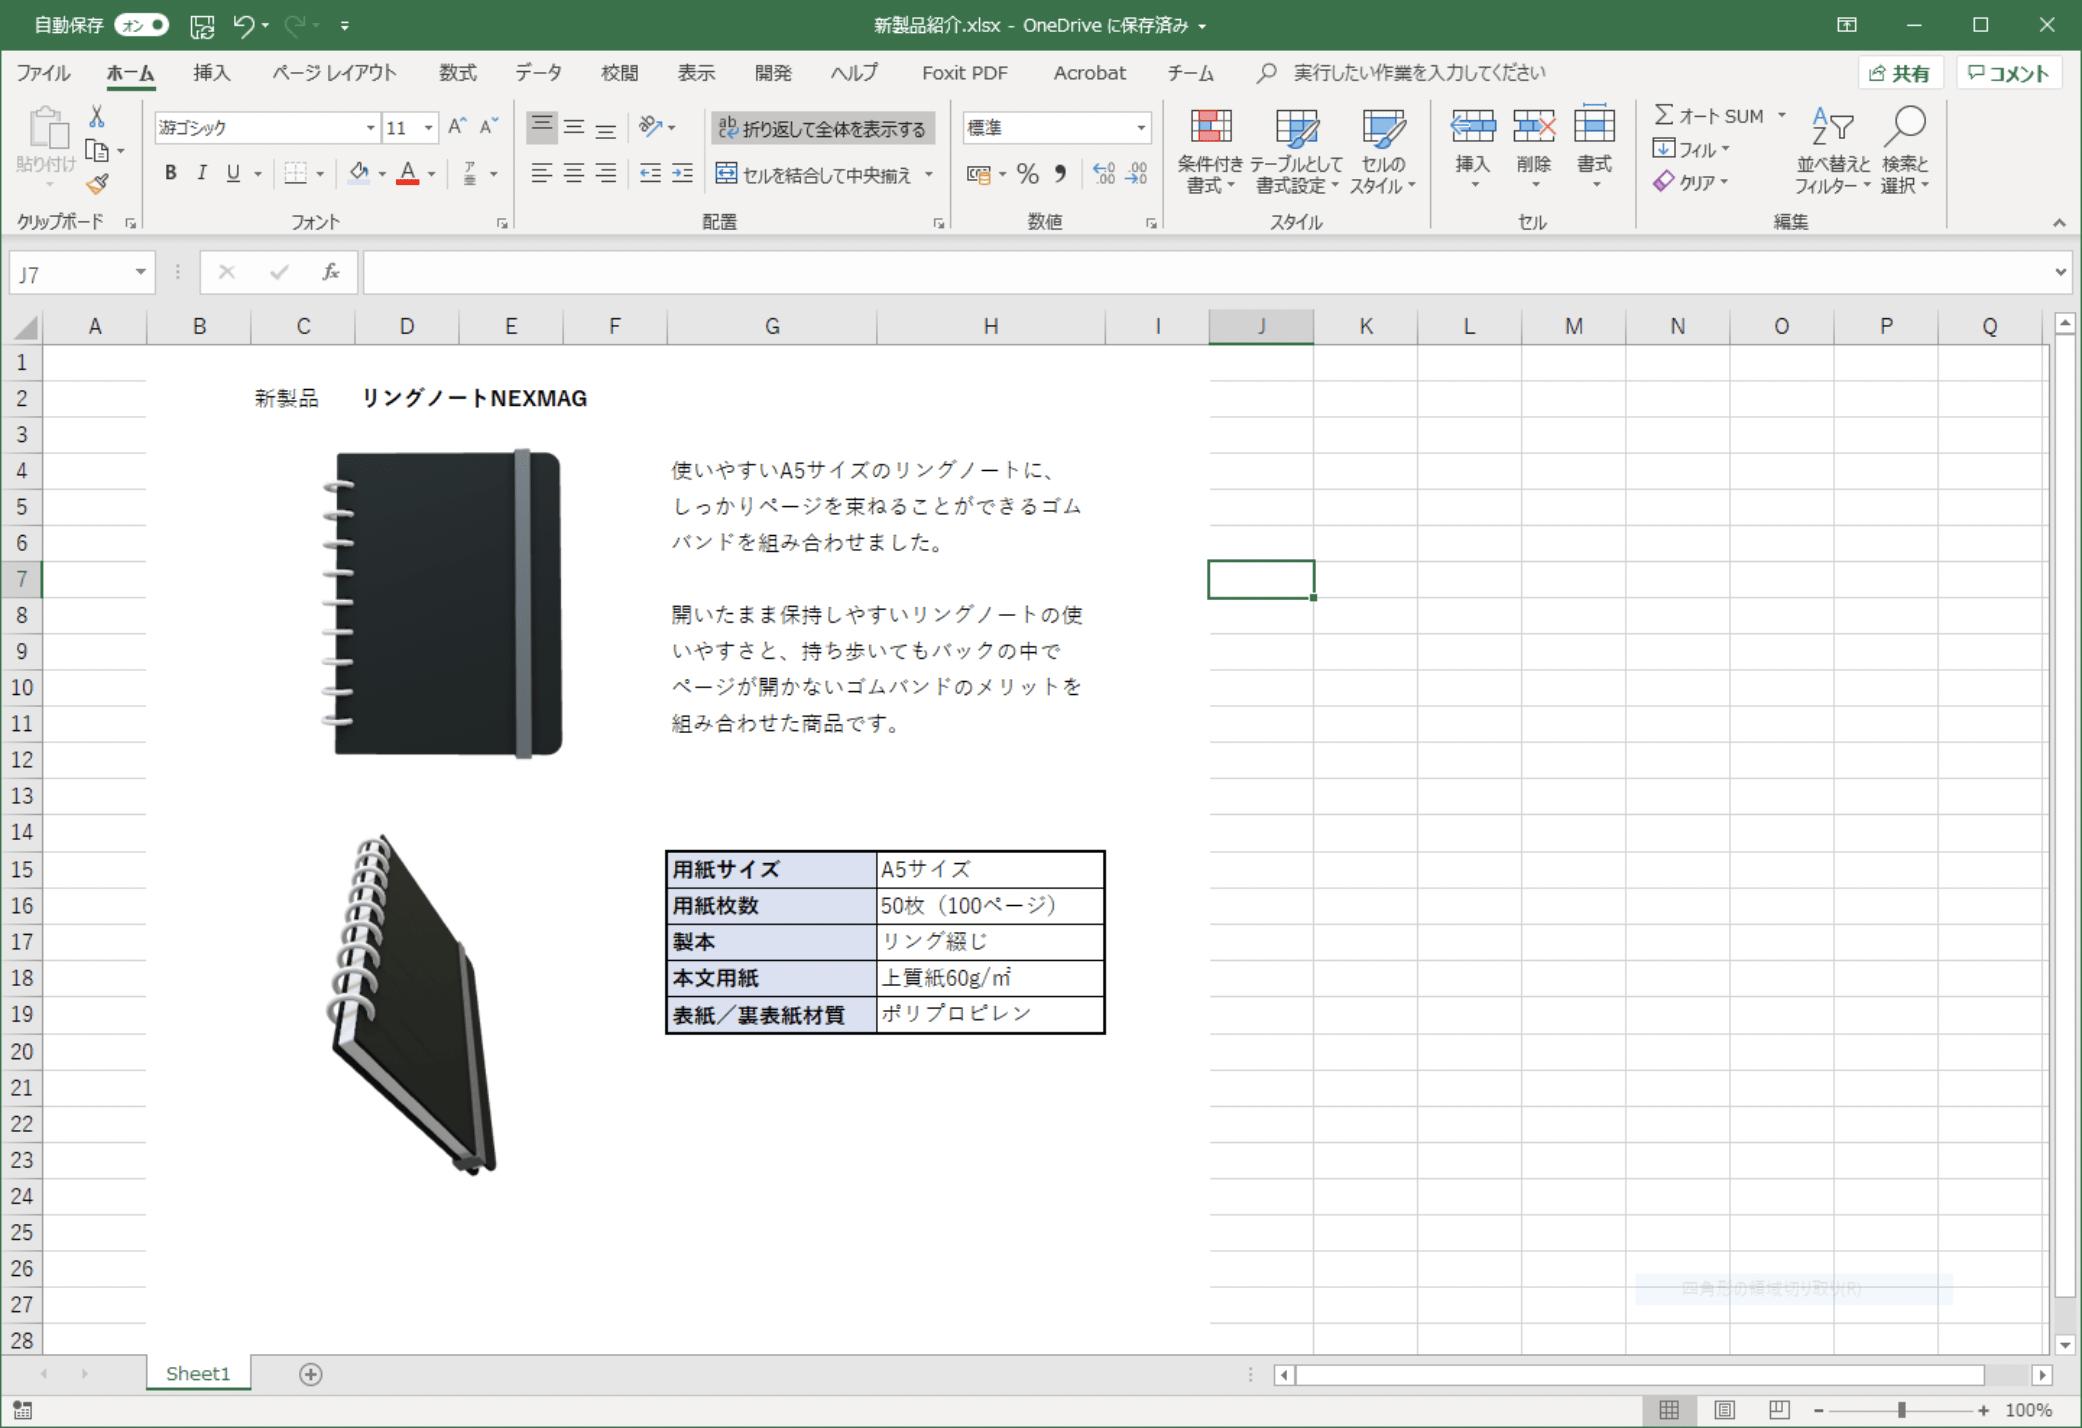 Excelでの3Dモデル掲載例